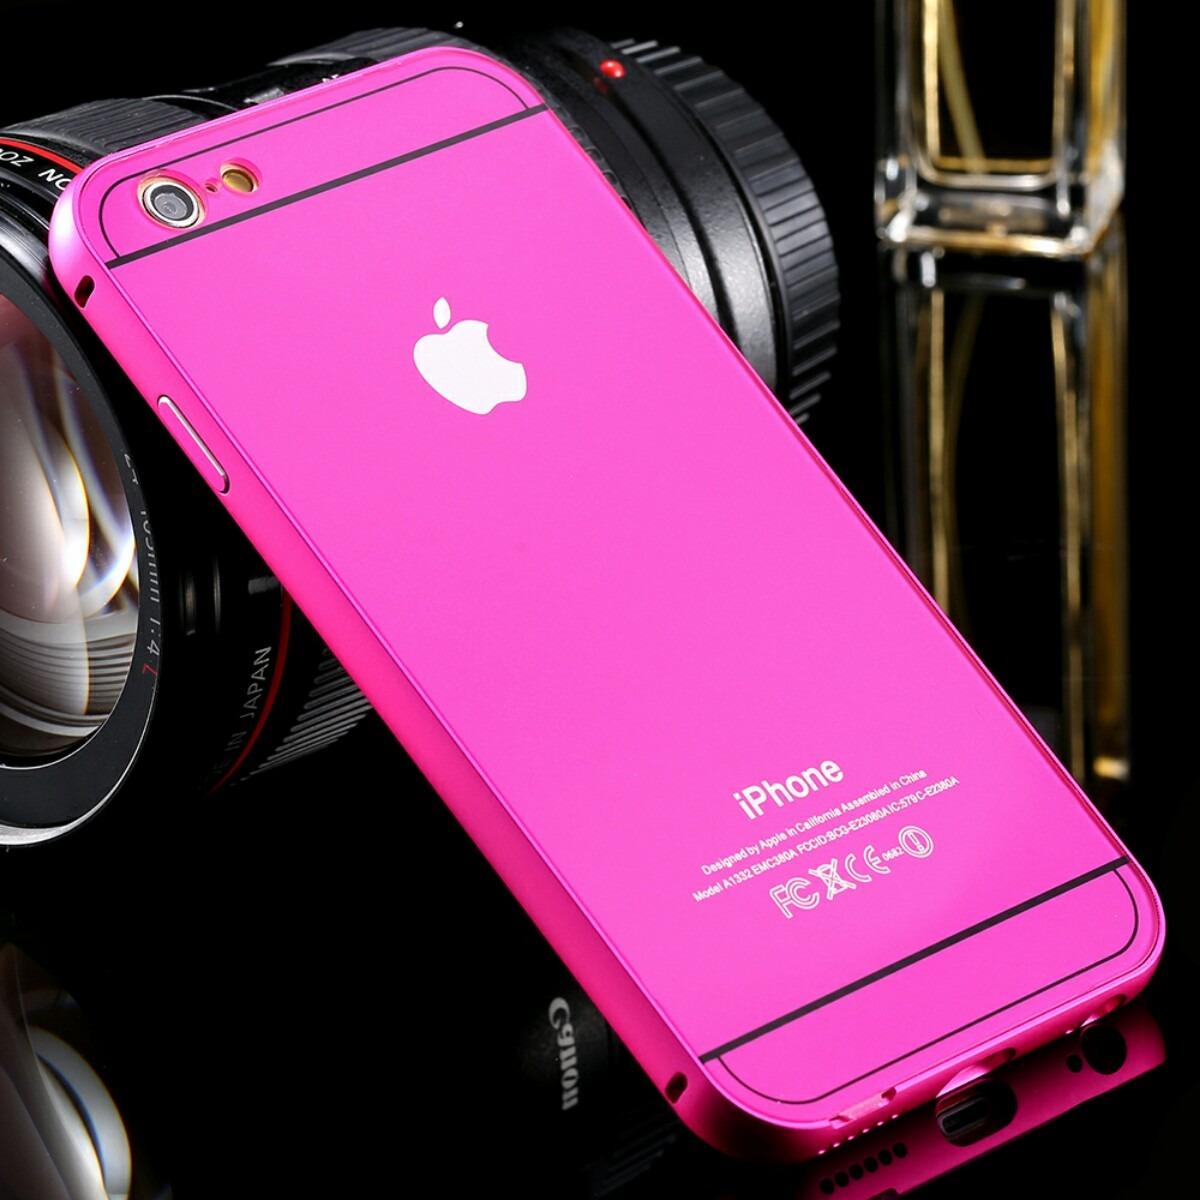 0ca183c716a Case, Cover O Protector Bumper De Aluminio Para iPhone 6 /6s - S/ 60 ...